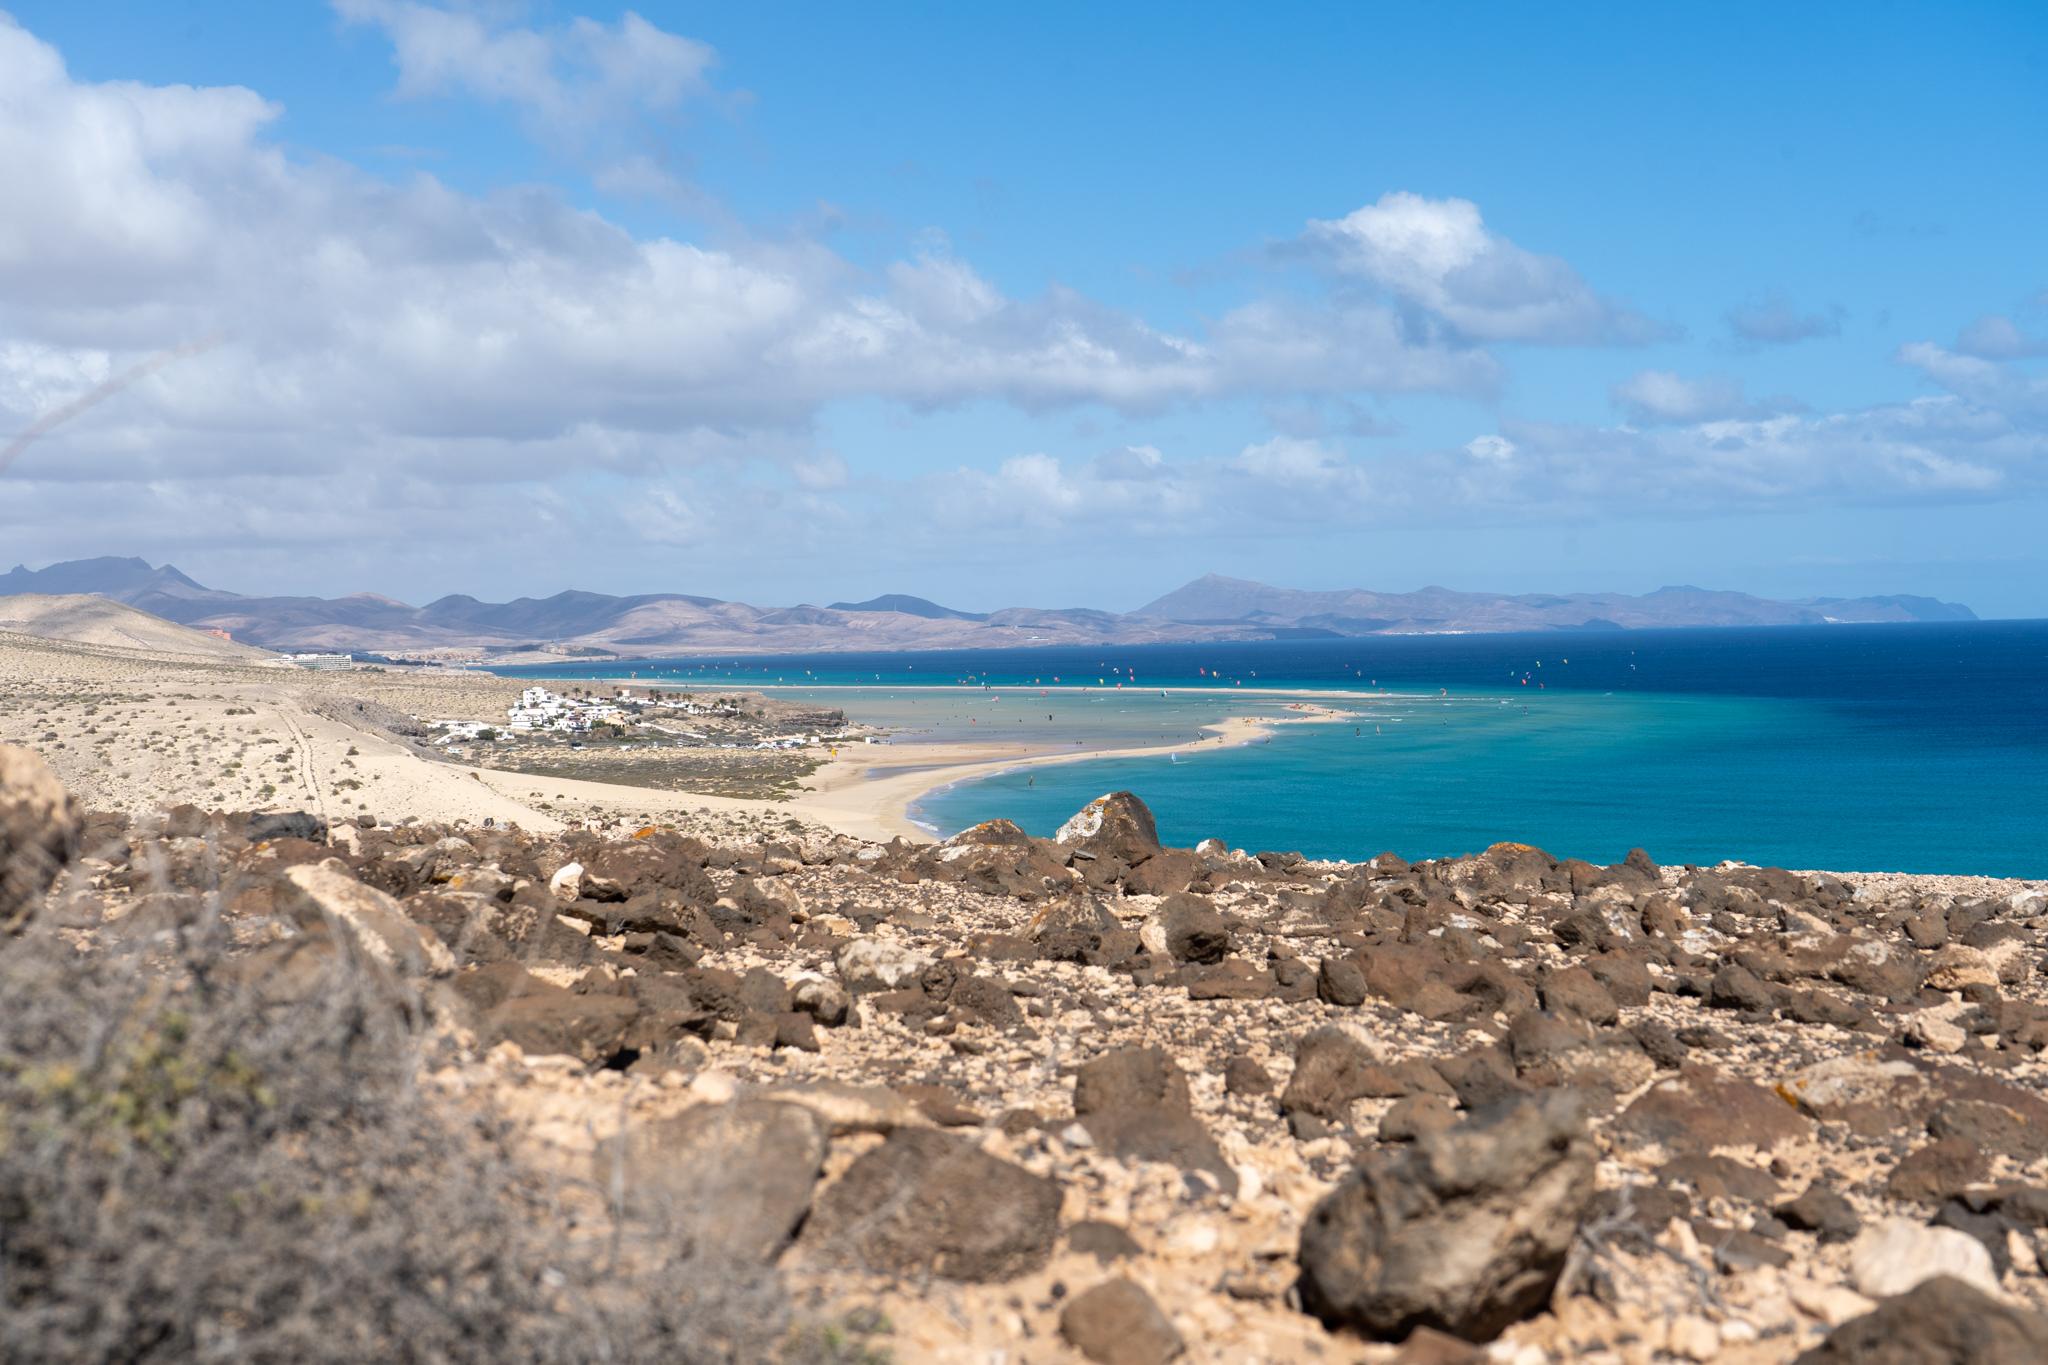 Playa Barca gehört auch zu den Sehenswürdigkeiten auf Fuerteventura